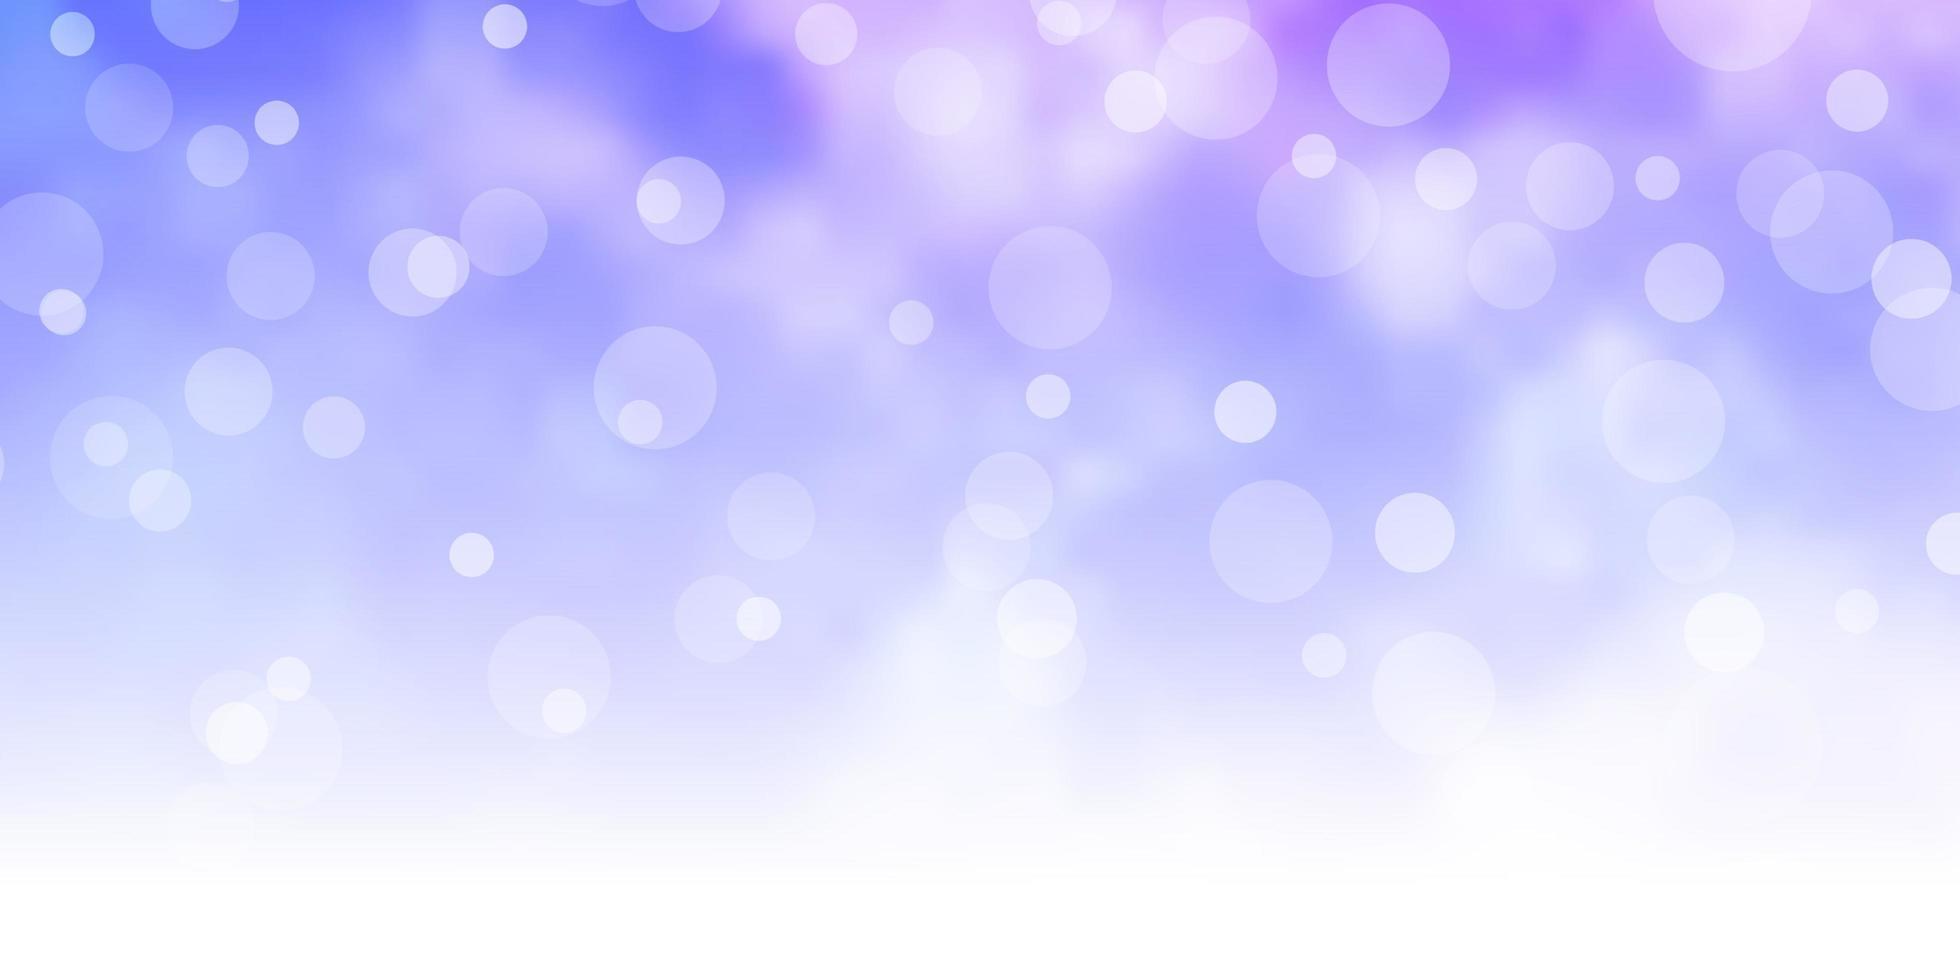 hellrosa, blaue Vektorbeschaffenheit mit Kreisen. vektor